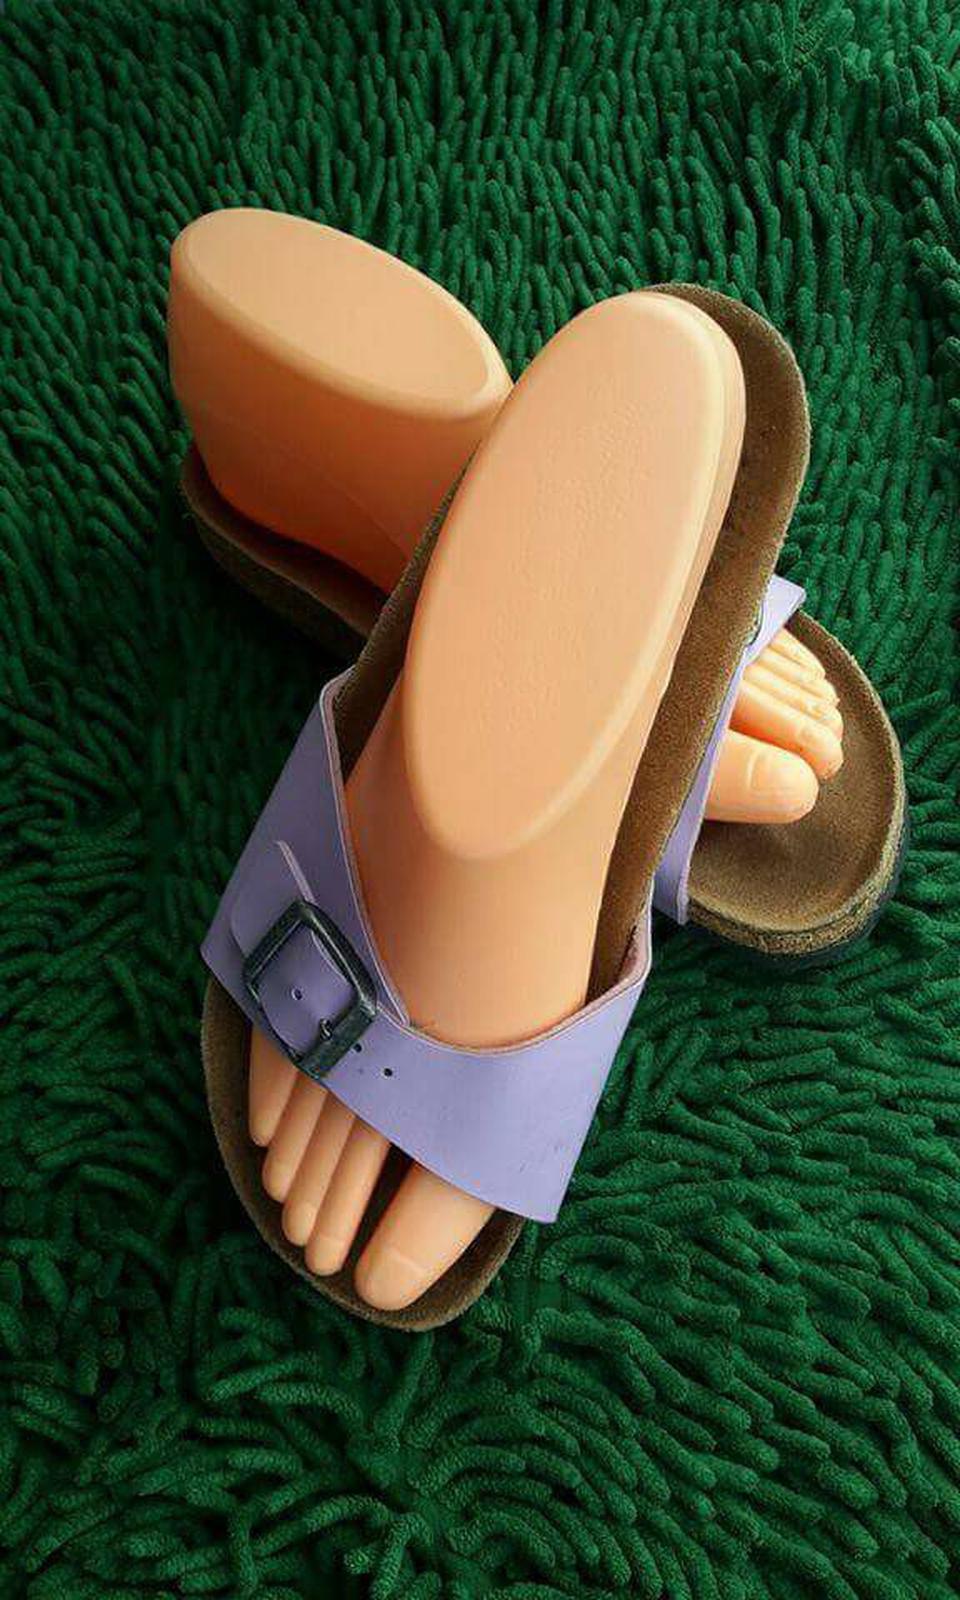 รองเท้าเเตะbirken/No.35 รูปที่ 1